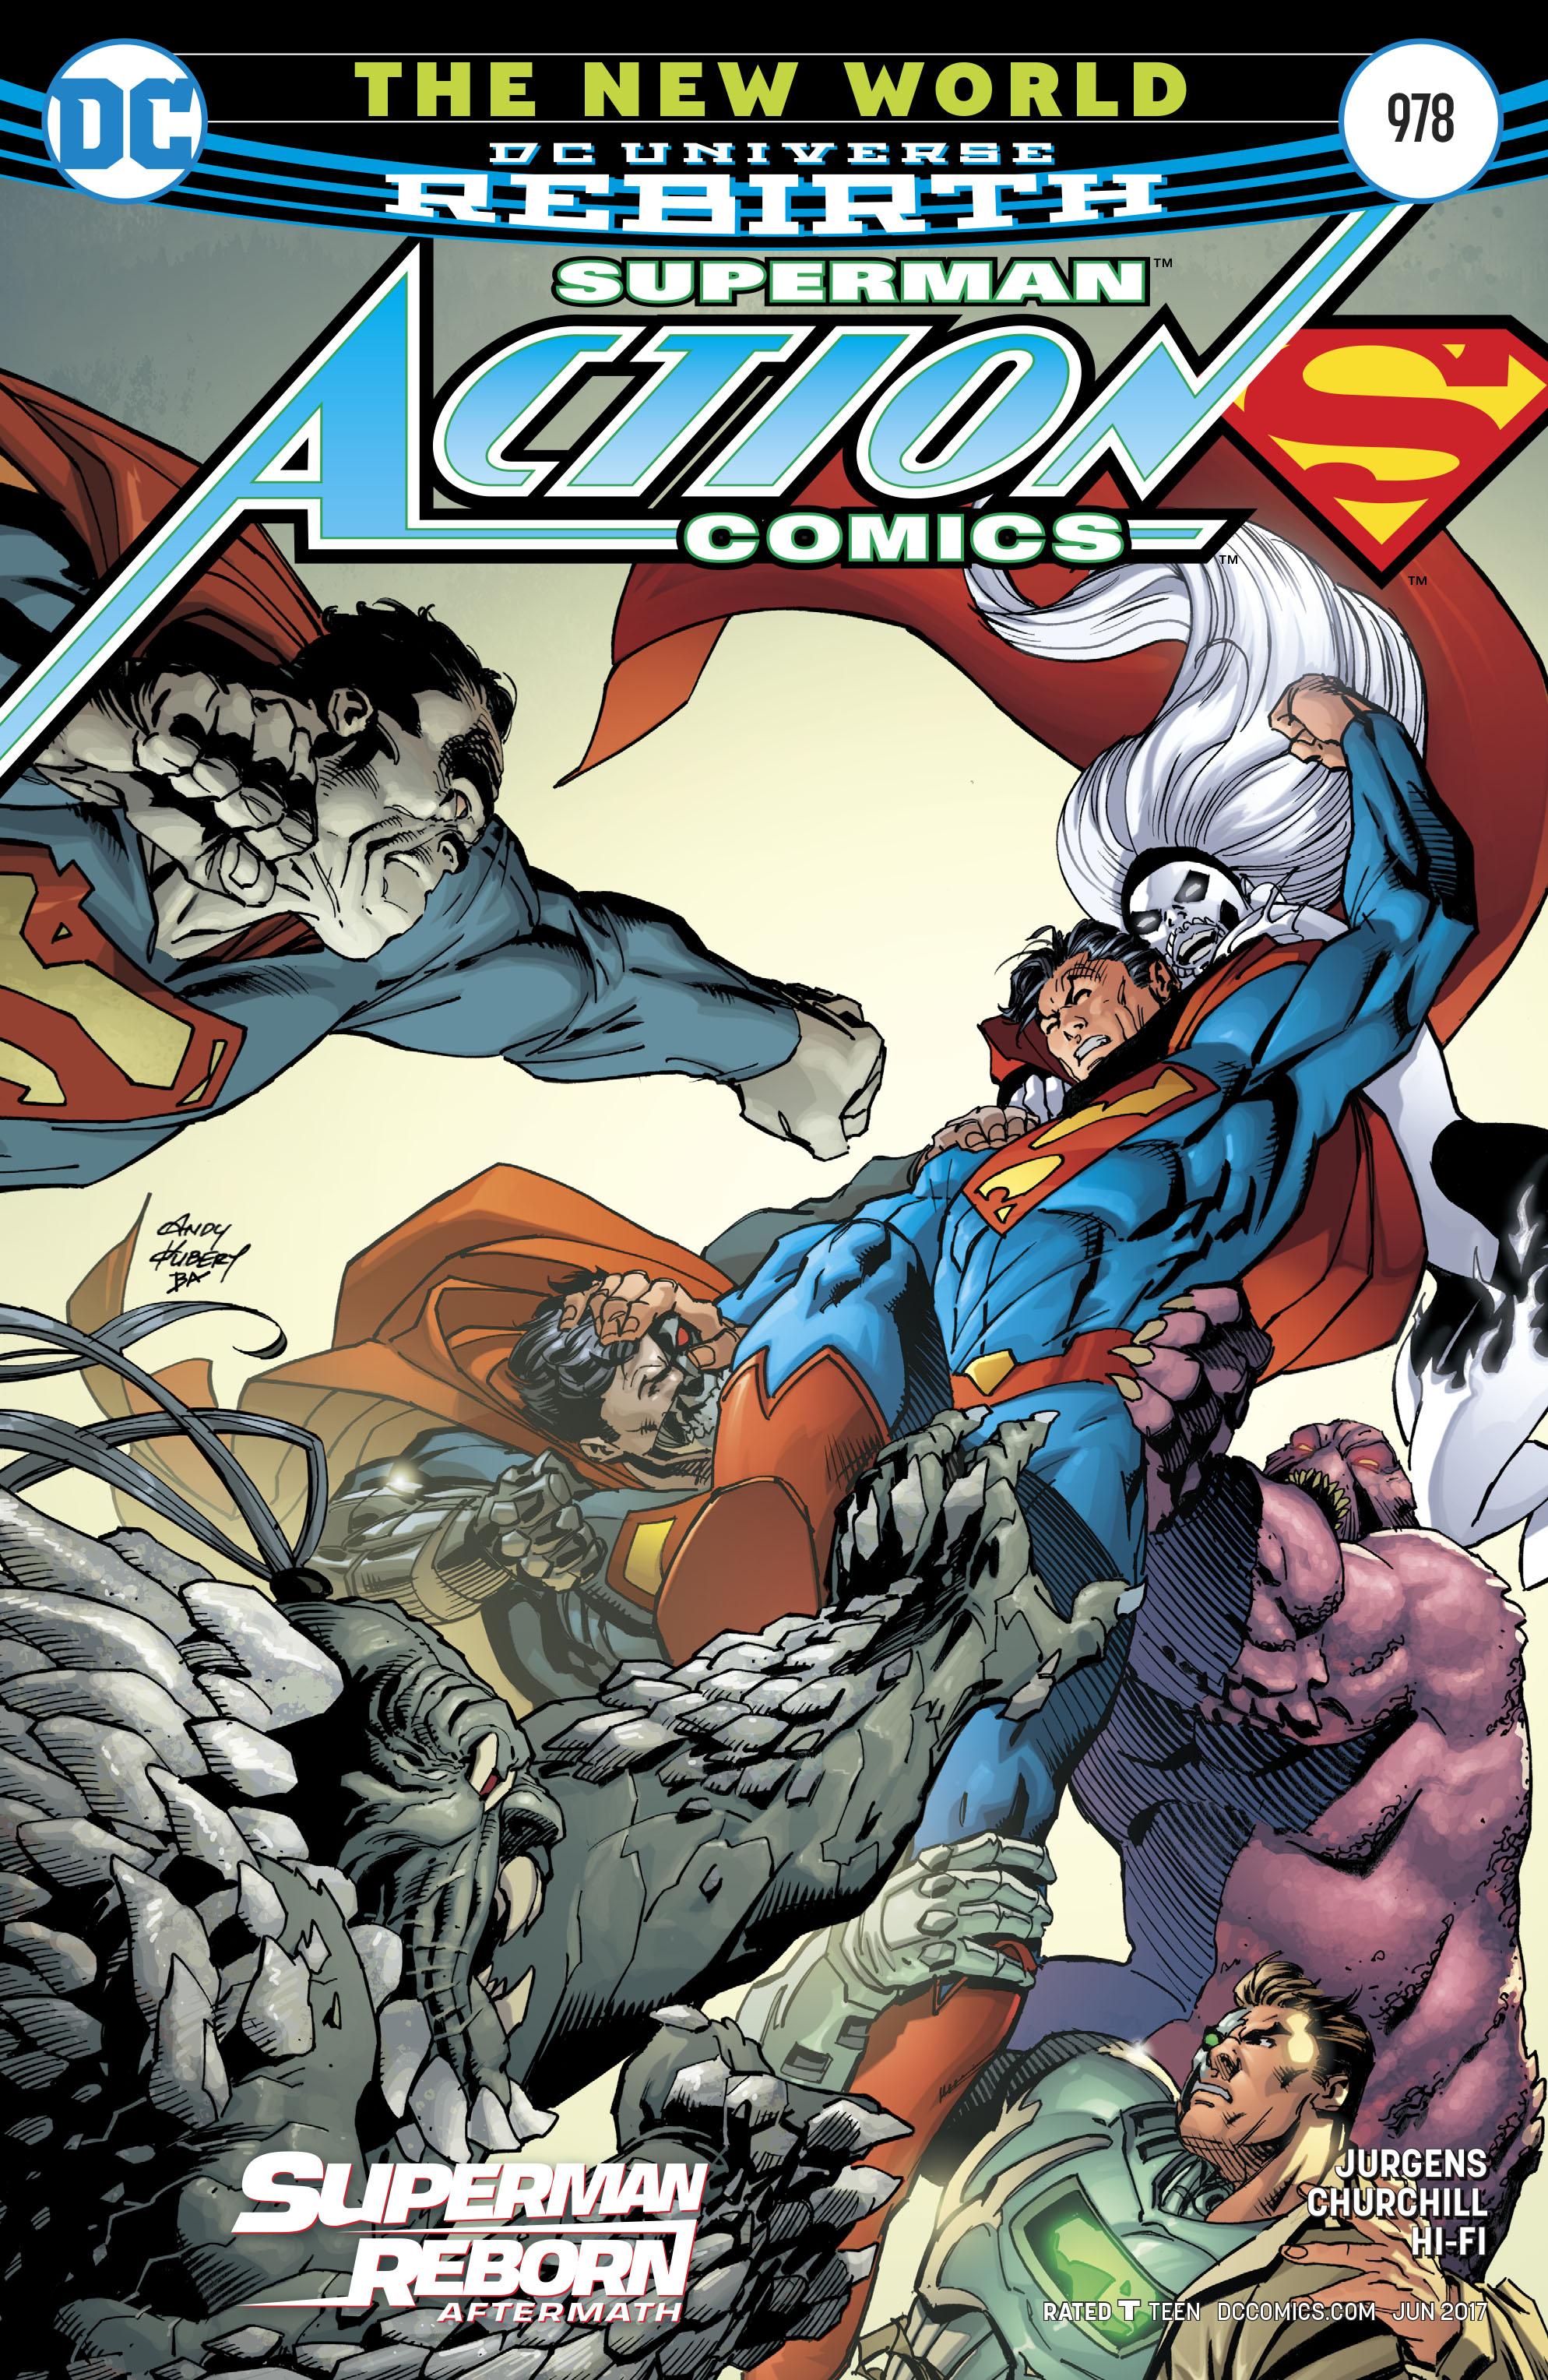 Les comics que vous lisez en ce moment - Page 3 Action-Comics-978-Superman-DC-Comics-Rebirth-spoilers-2